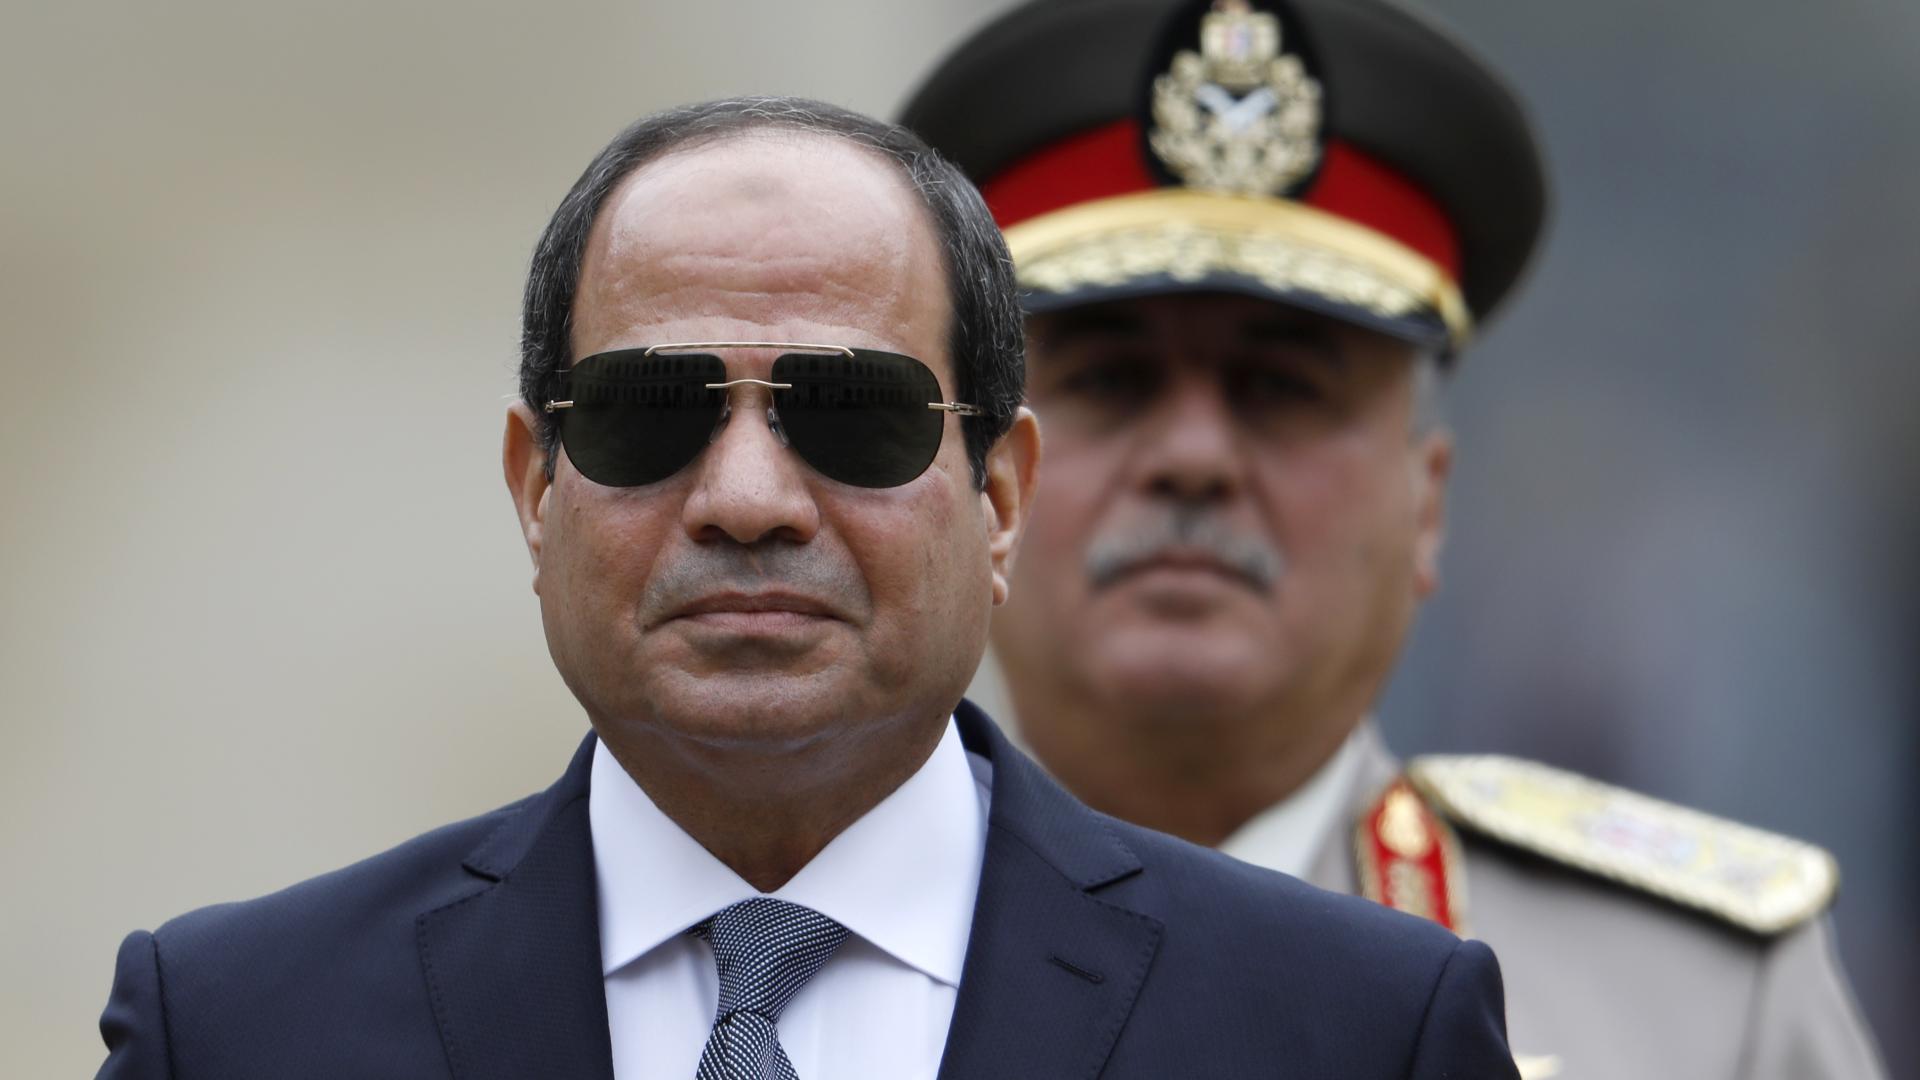 La controversa visita del presidente egiziano Al Sisi in Francia